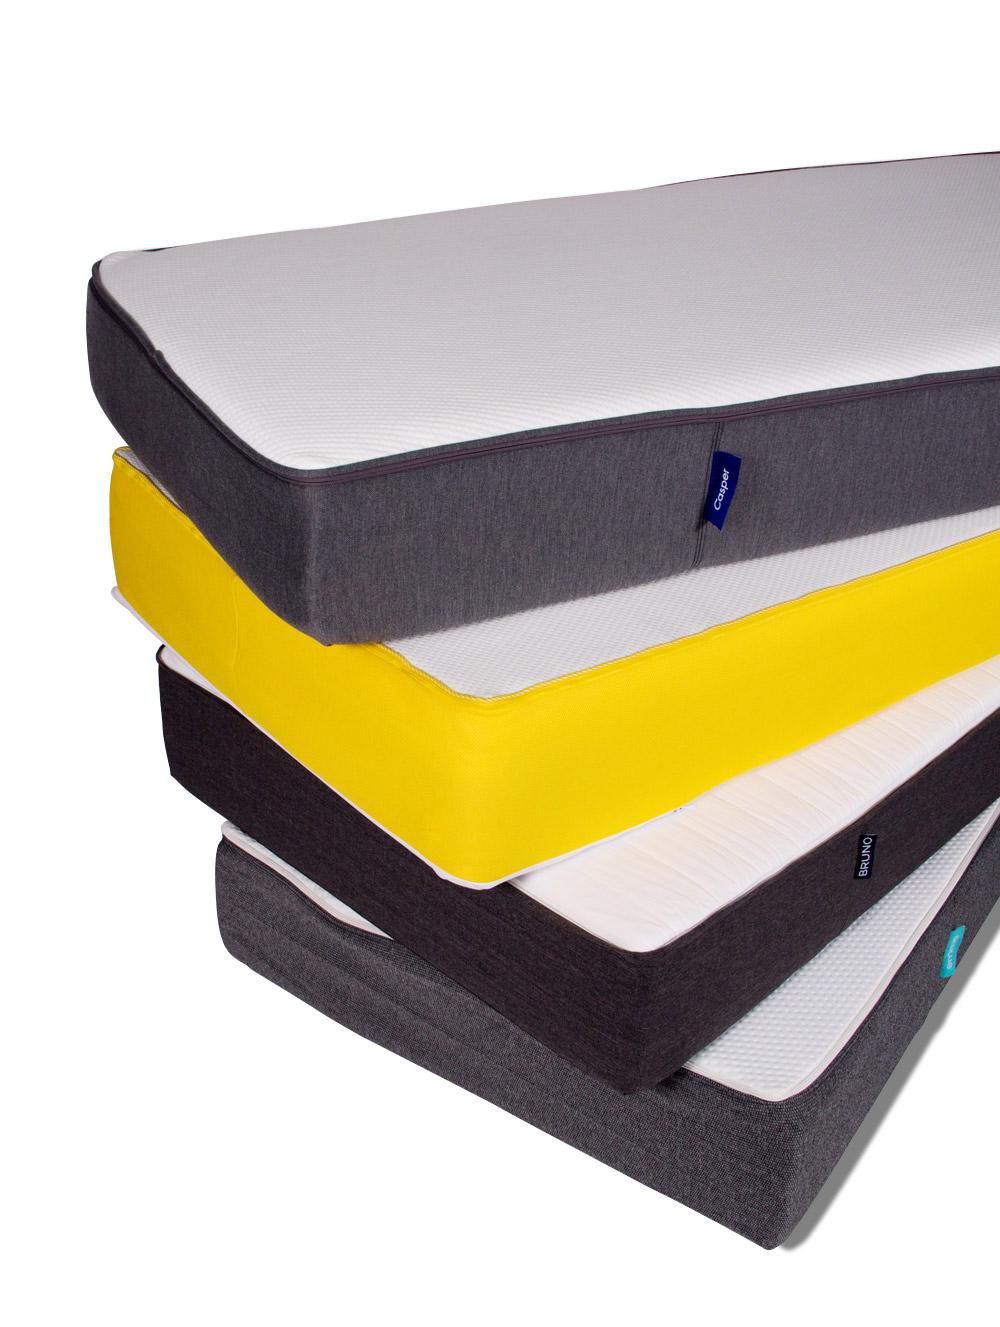 badenia bettdecken test ausklappbare schlafsofas excellent bettdecken bettw sche zusammenlegen. Black Bedroom Furniture Sets. Home Design Ideas